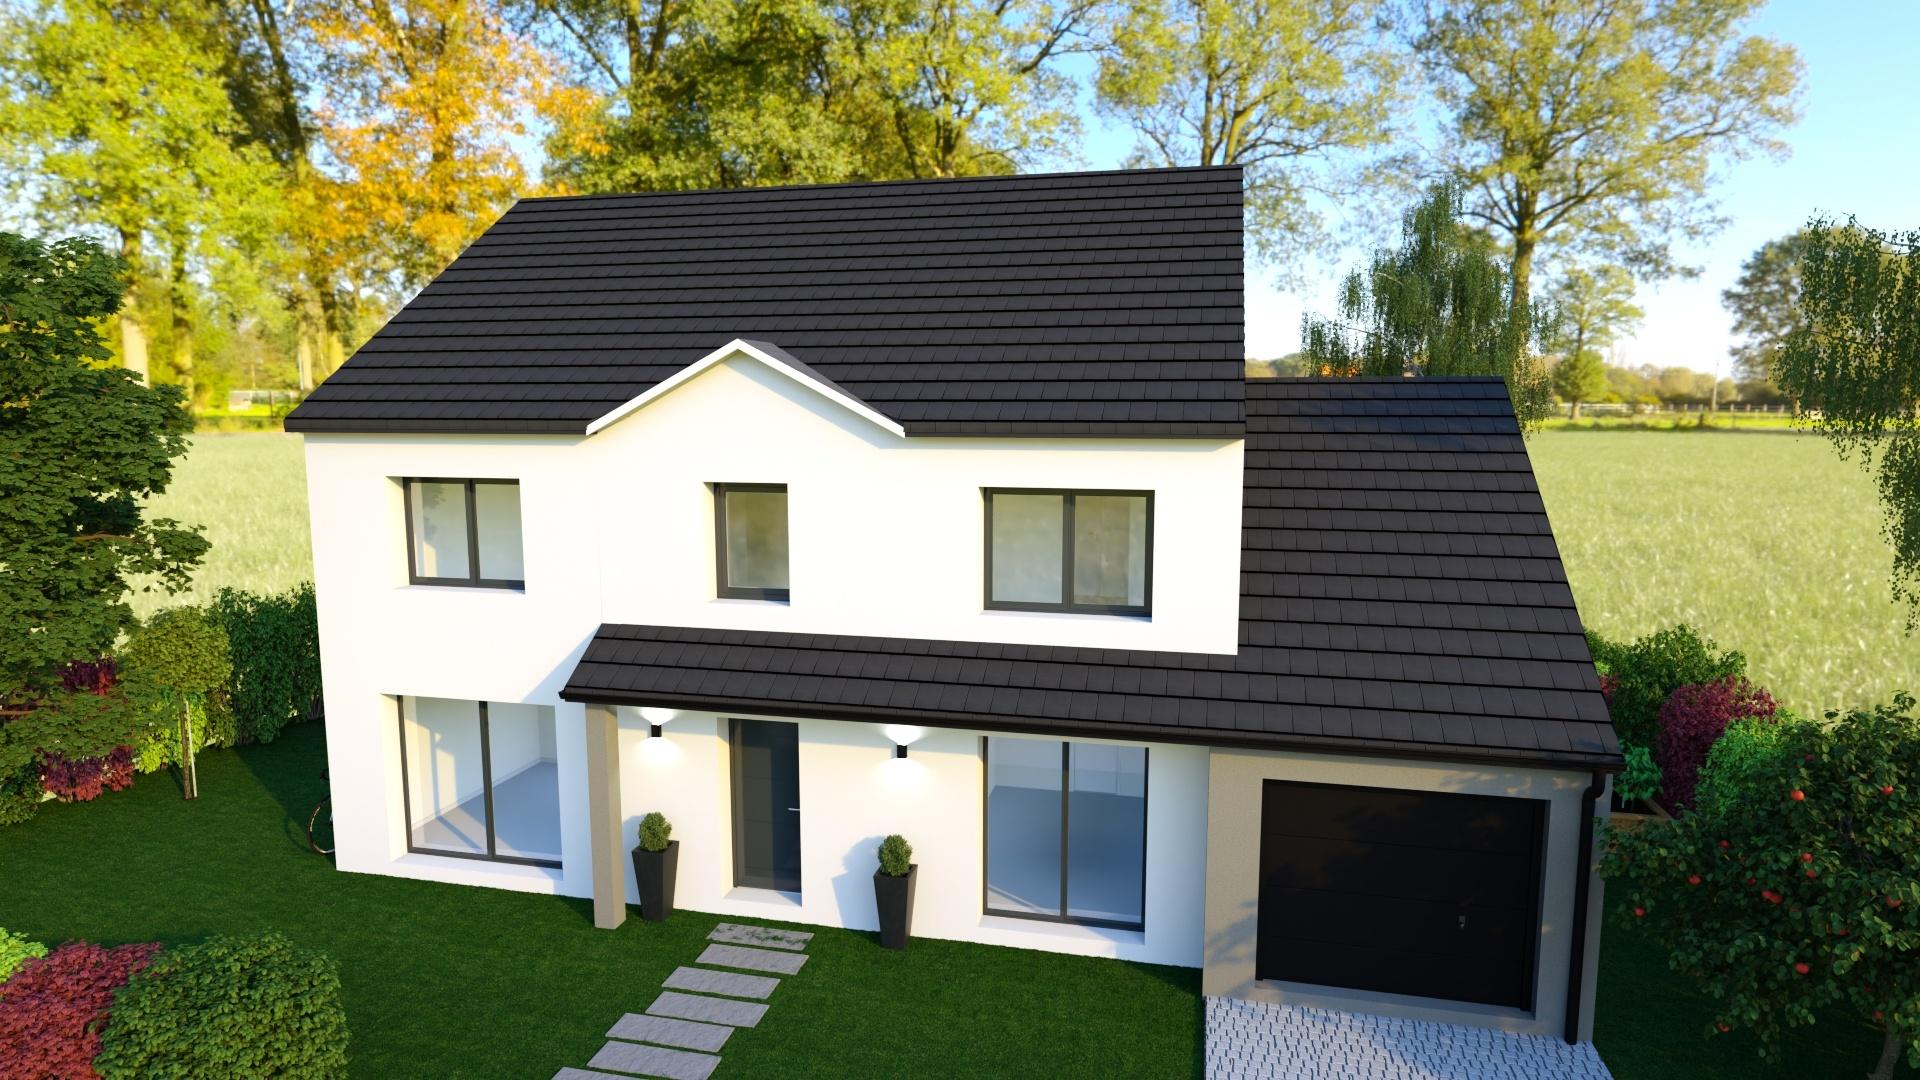 Maisons + Terrains du constructeur MAISON FAMILIALE • 150 m² • NANTEUIL LES MEAUX